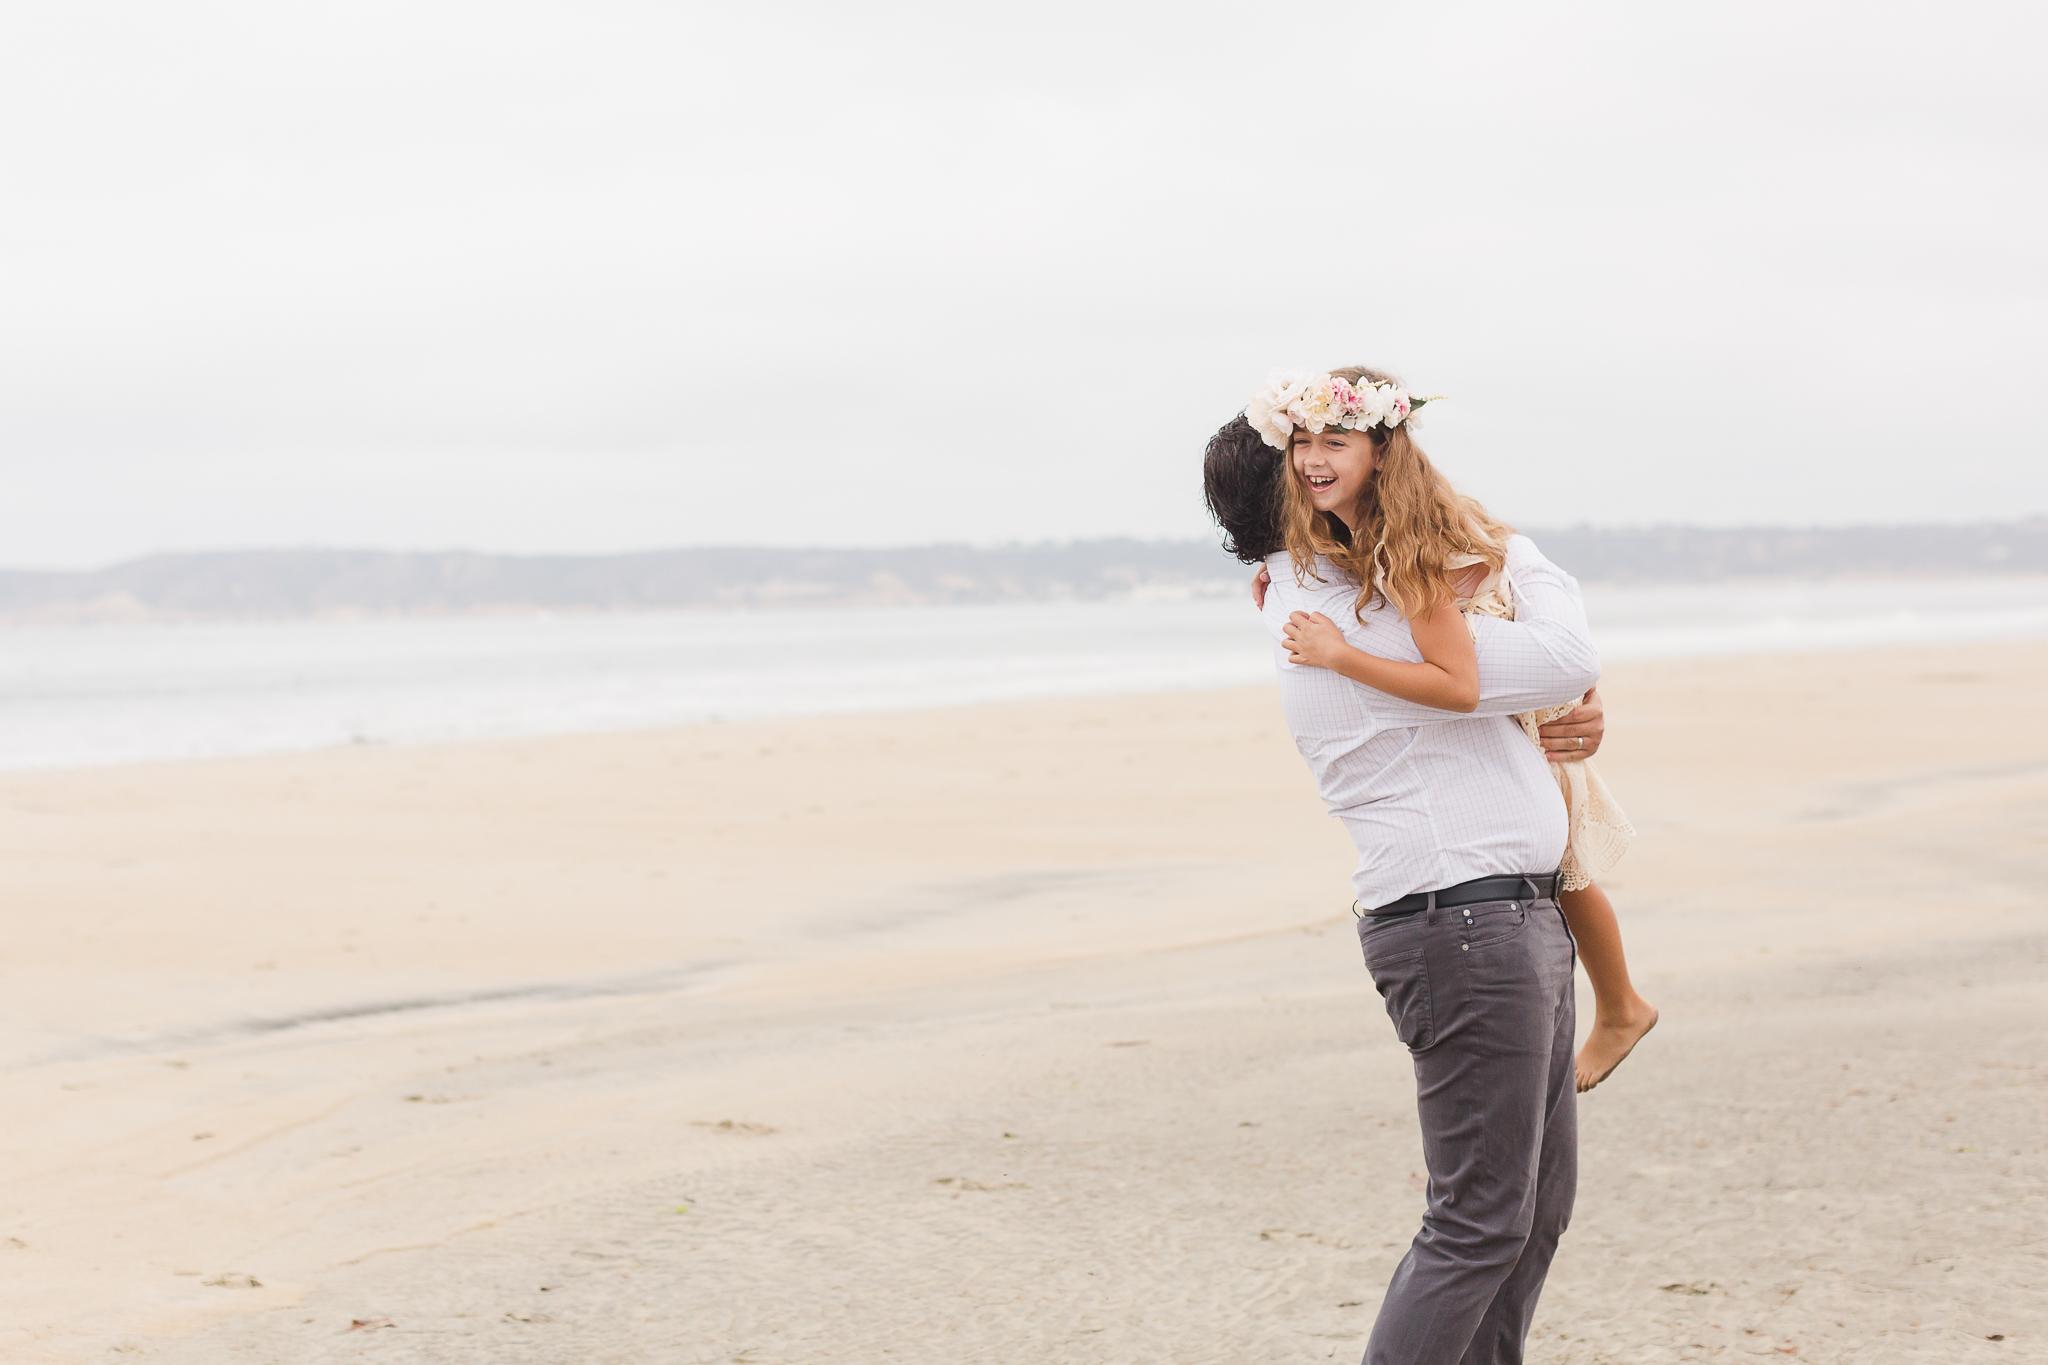 Coronado-Family-Photographer-Vacation-Photos-WS-16.jpg